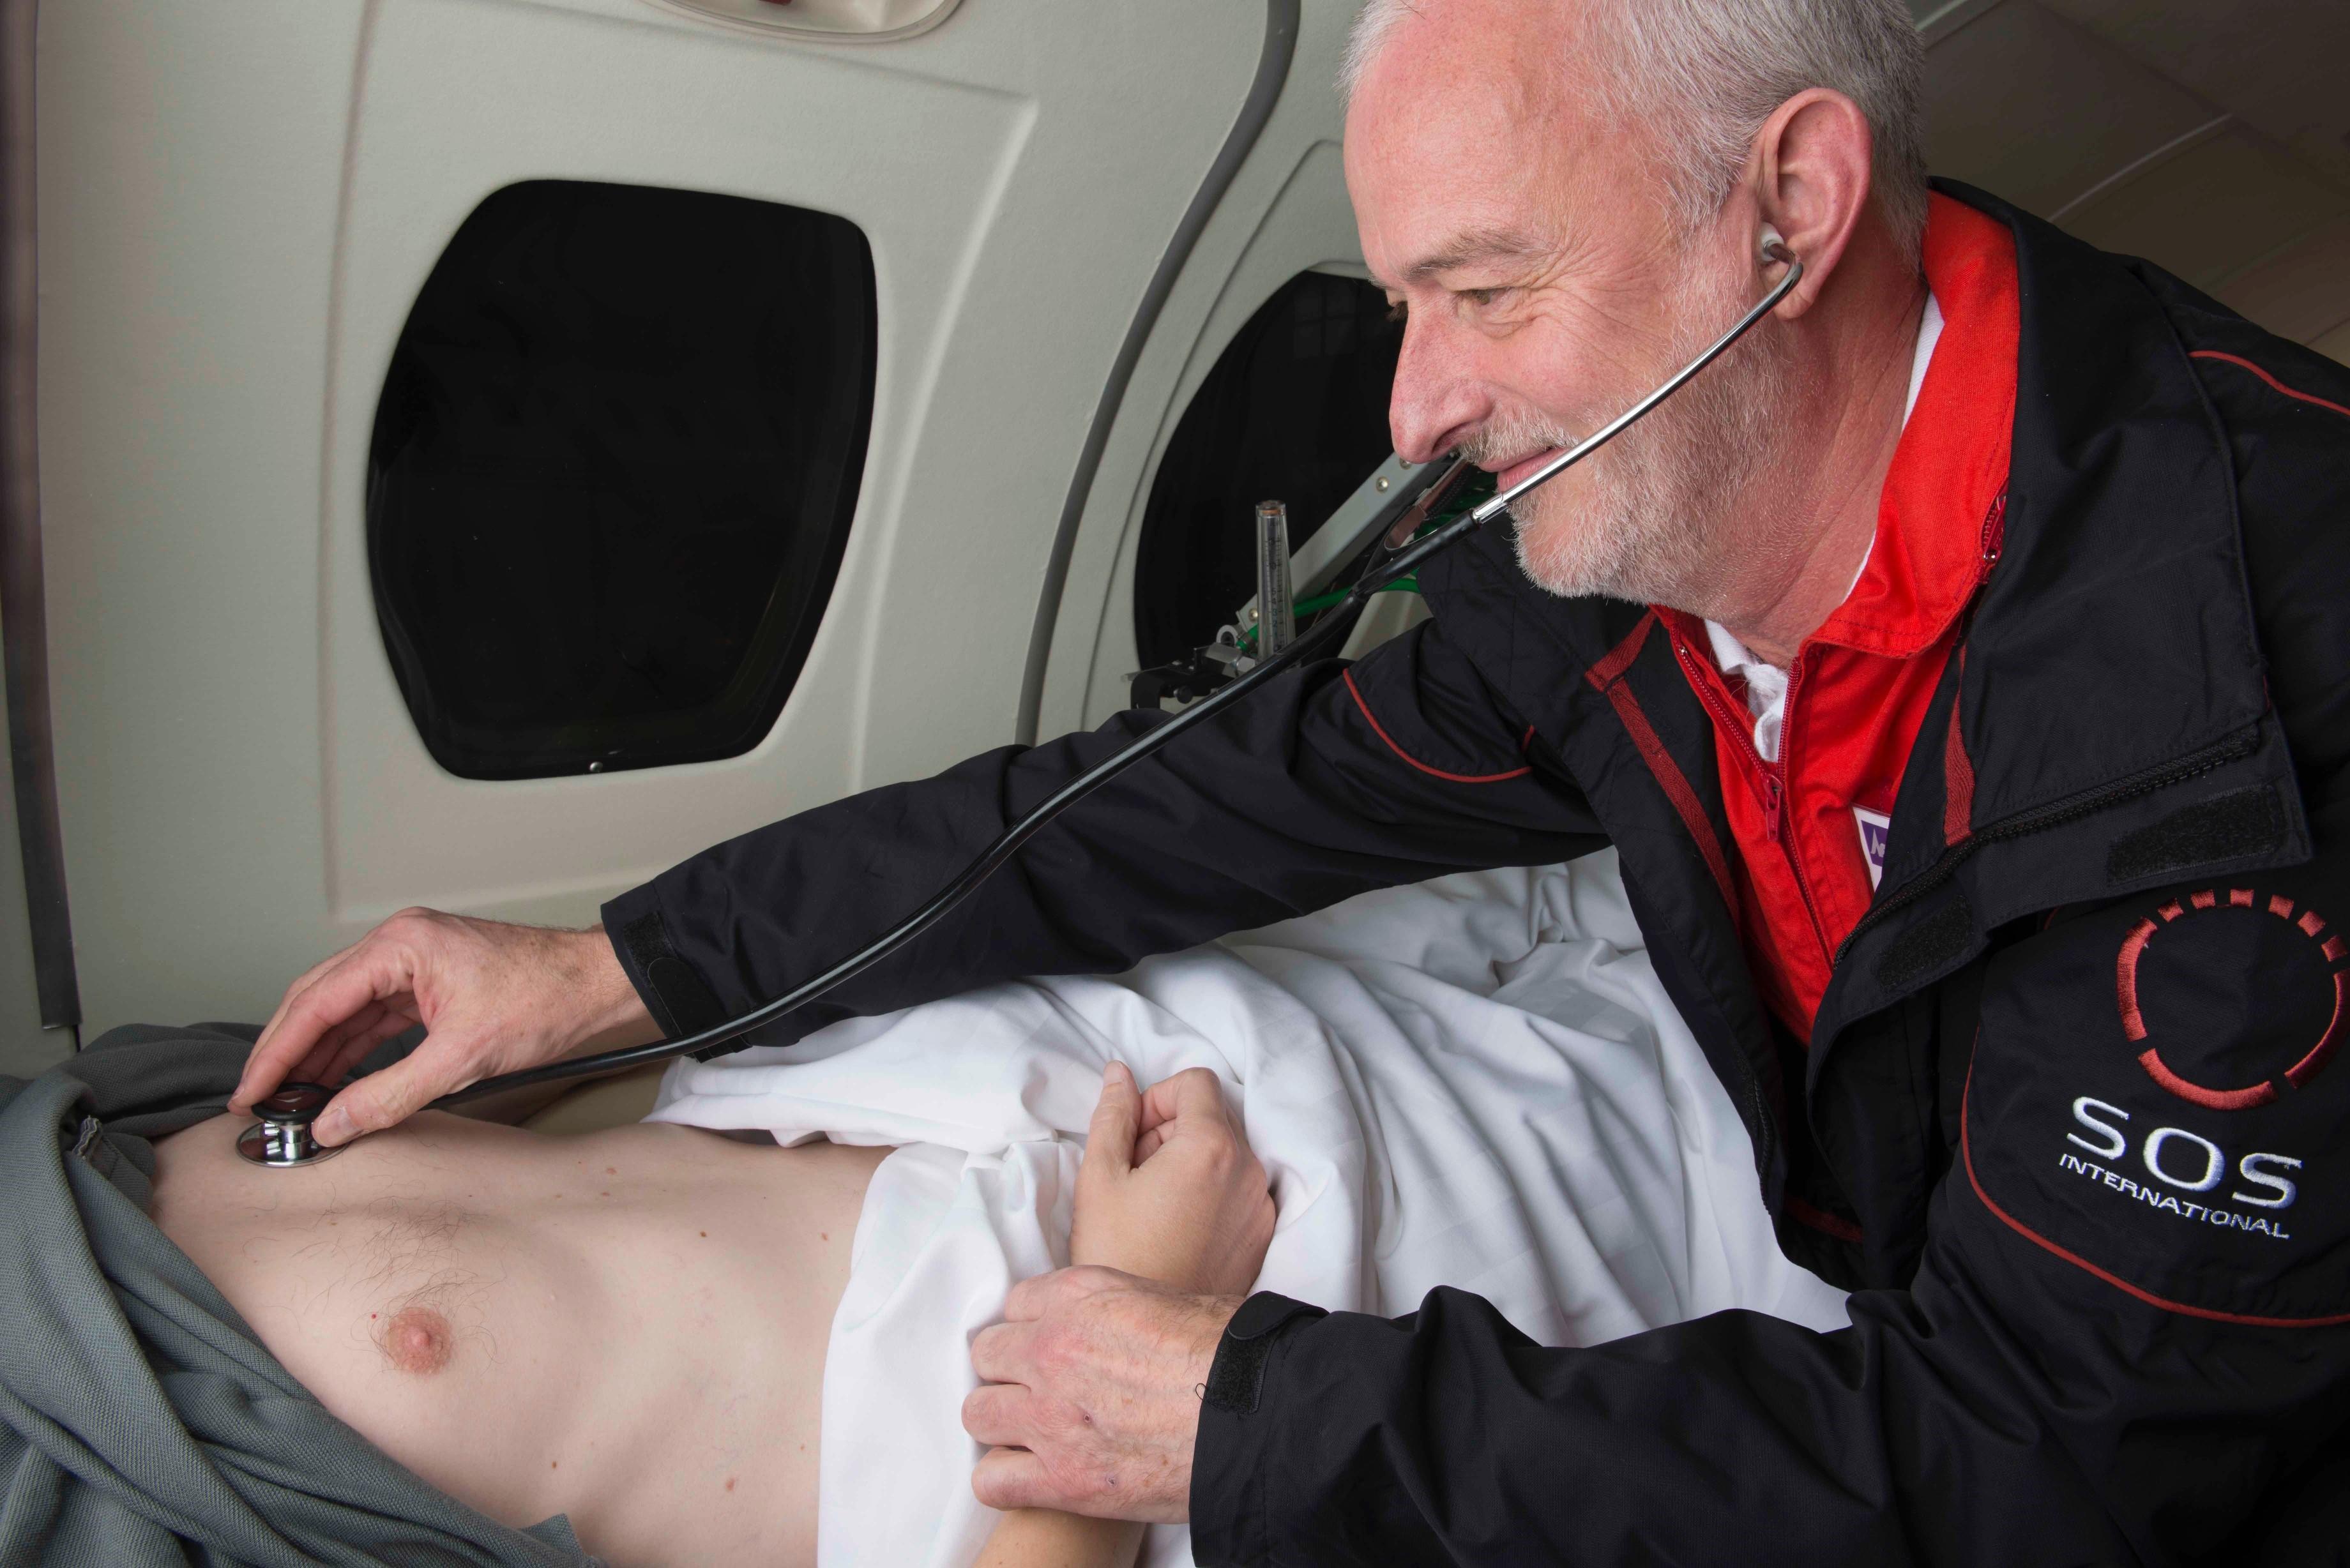 Langt de fleste henvendelser fra danske turister med rejseforsikring til SOS International kan klares uden indlæggelse. I de værste tilfælde flyves patienten hjem med ambulancefly. Arkivfoto: SOS International.